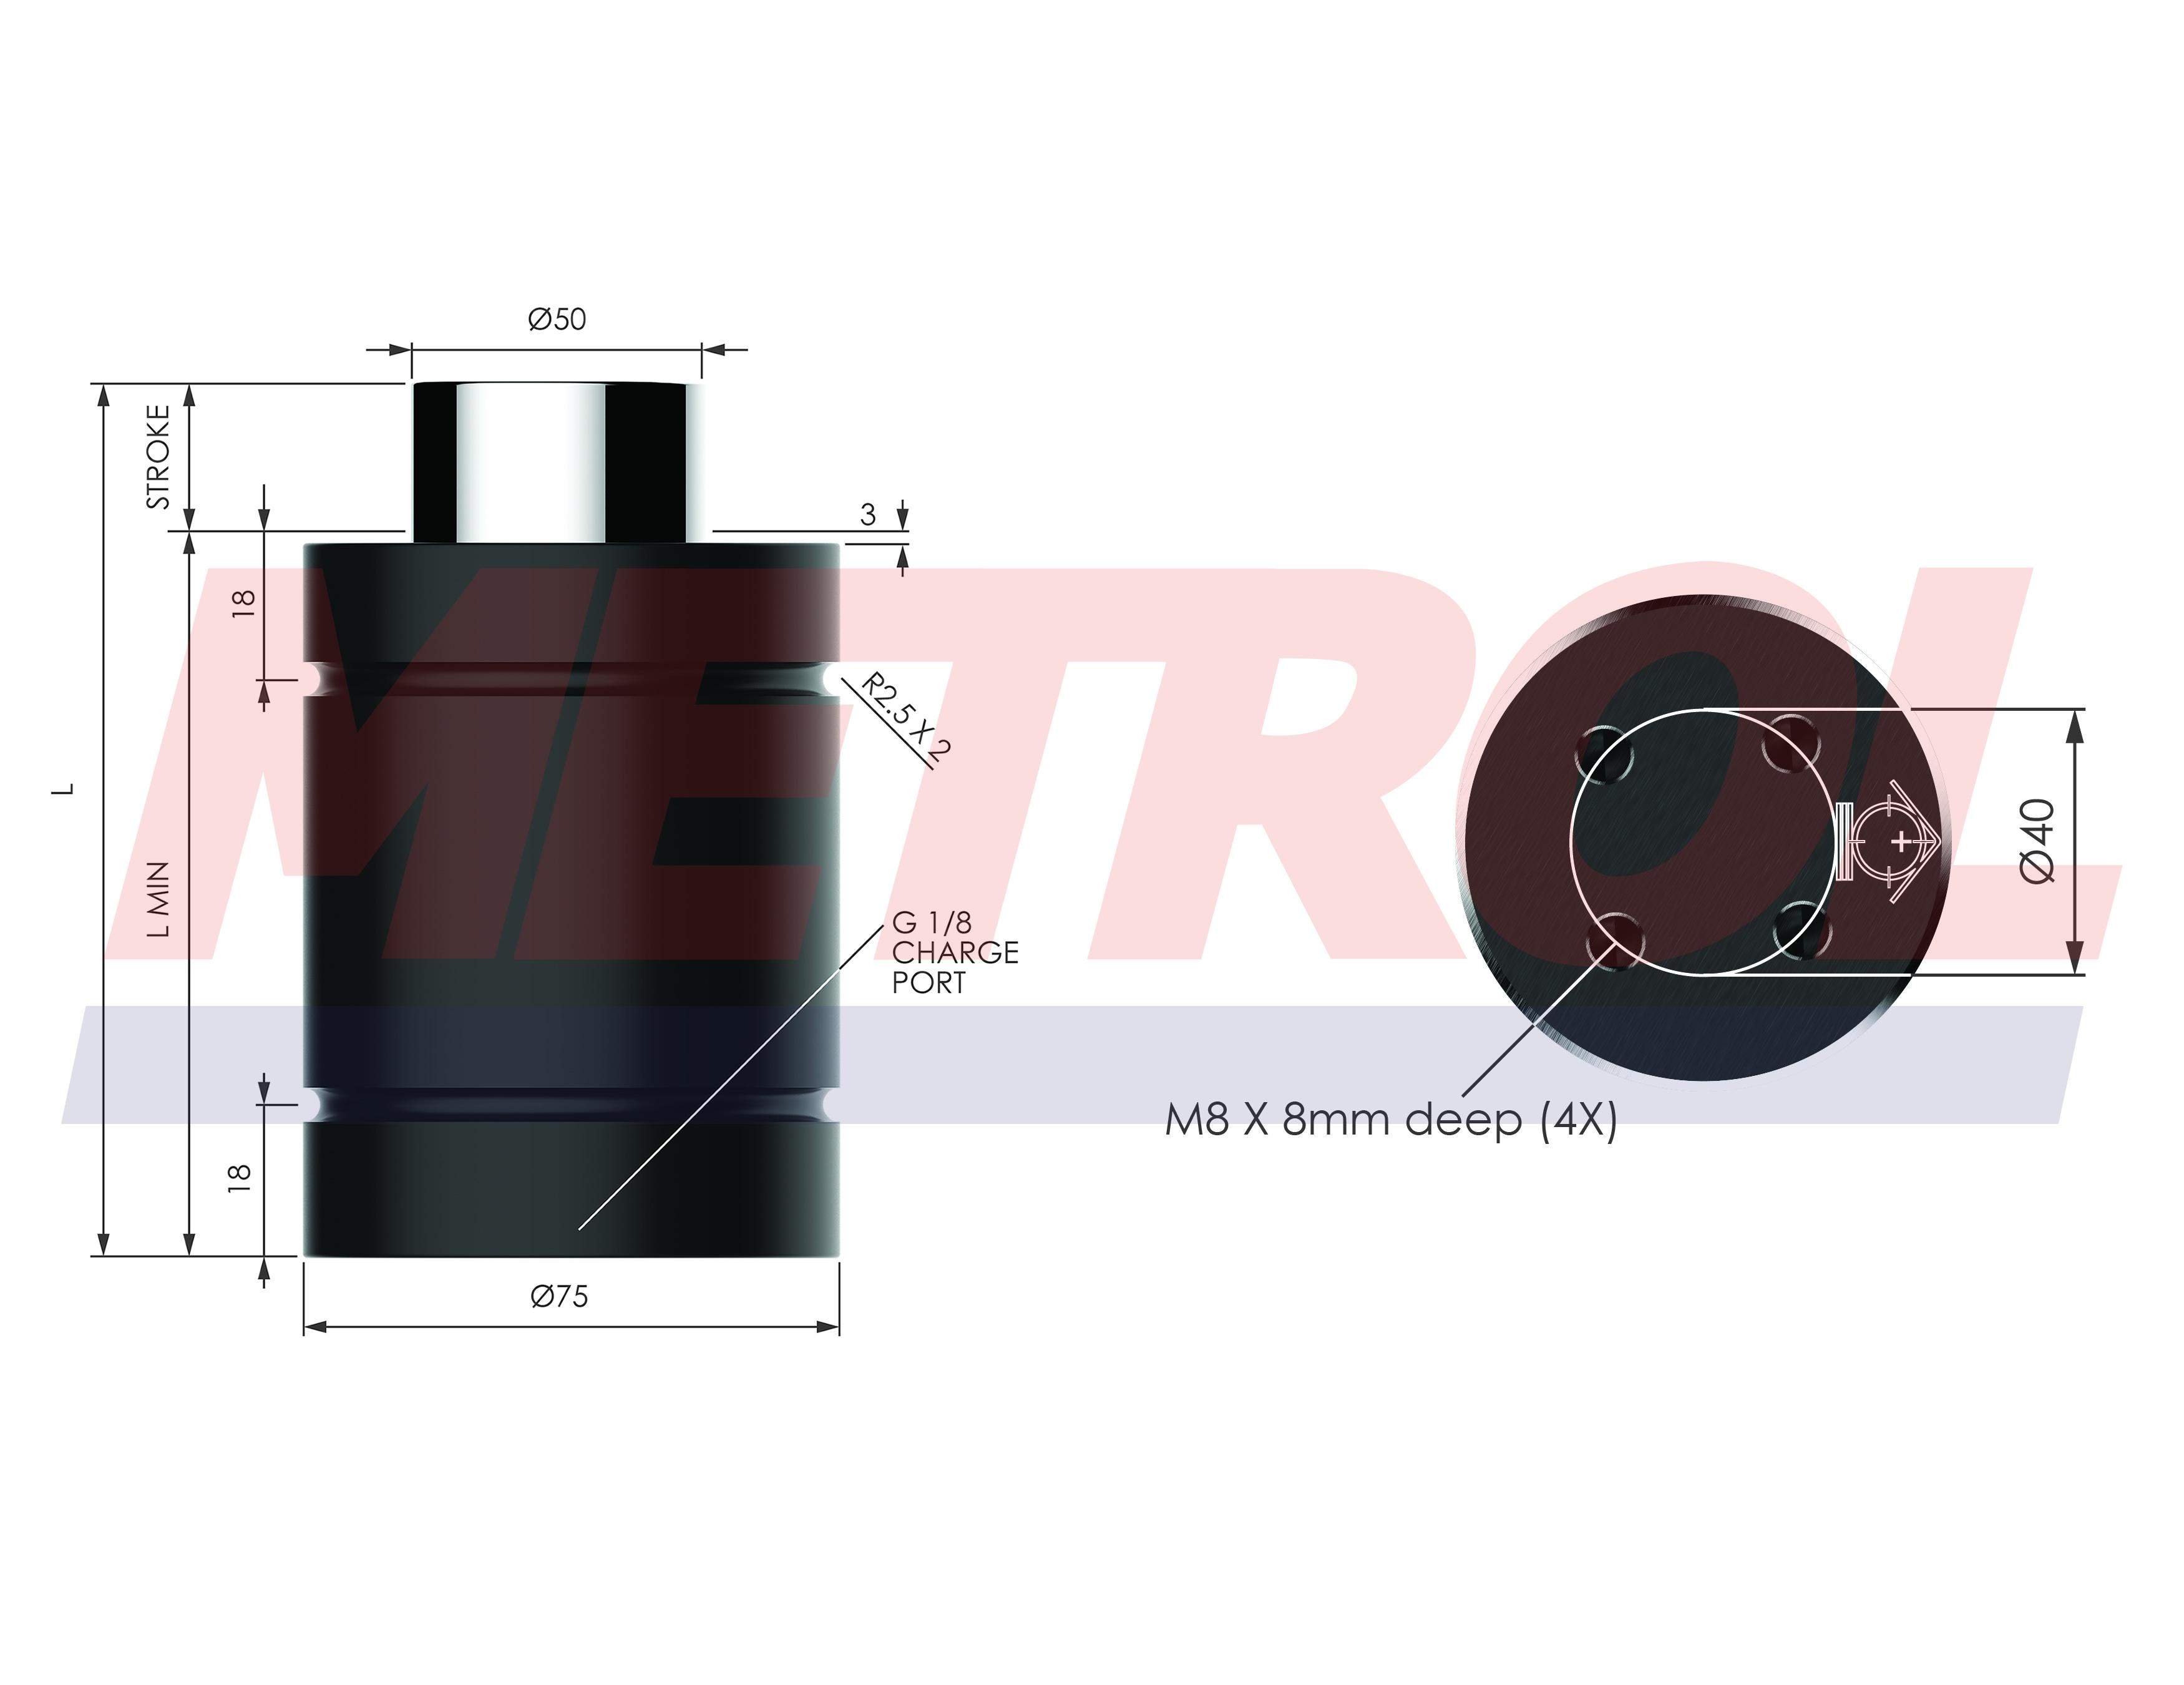 HDG-047